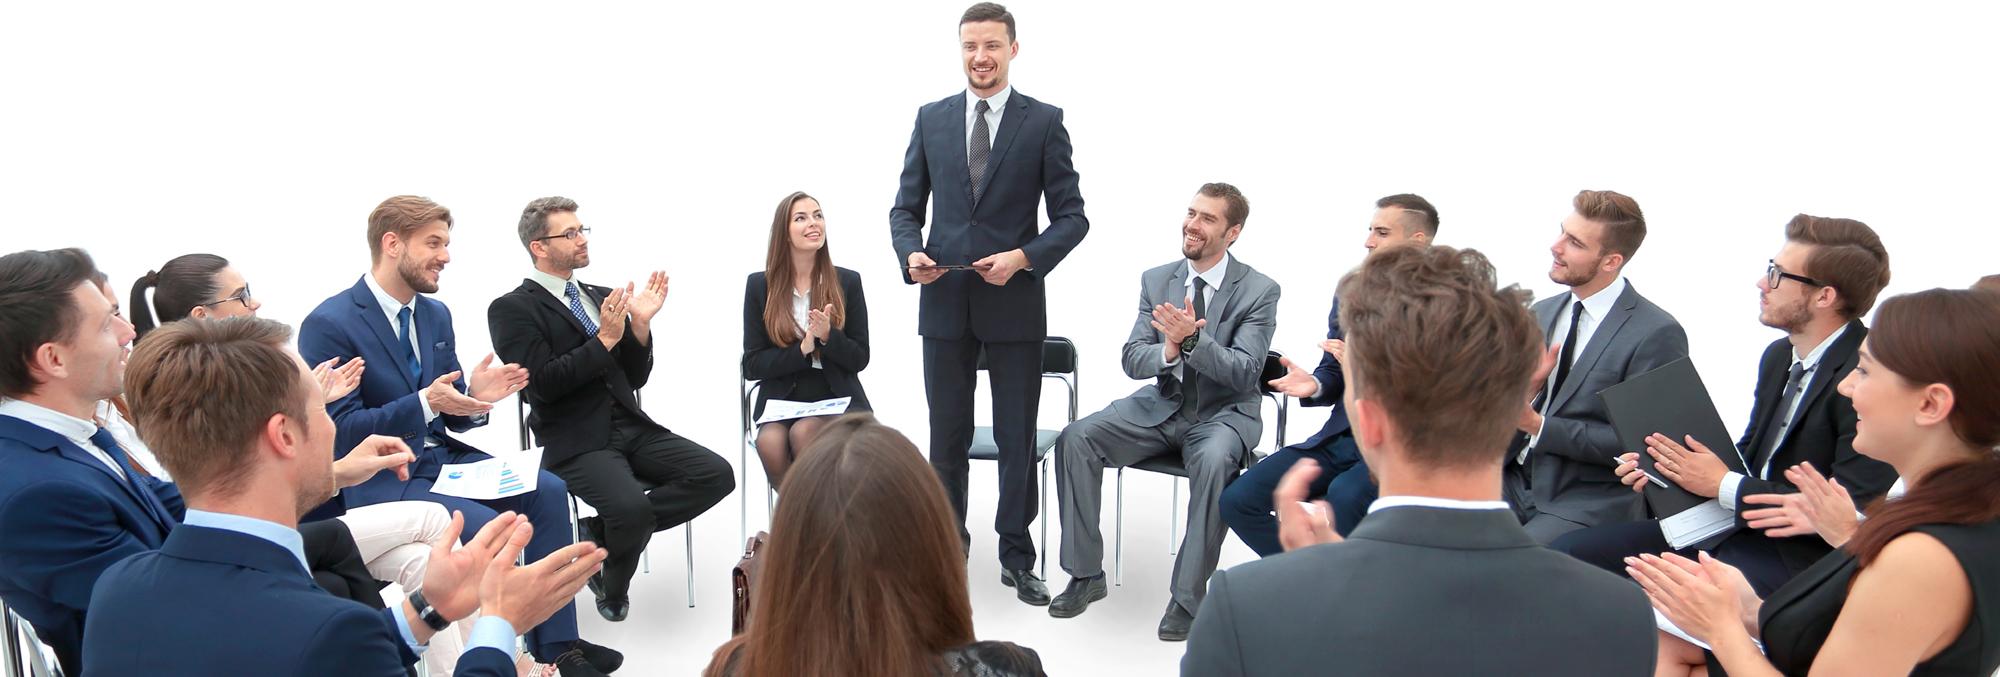 lache consulting